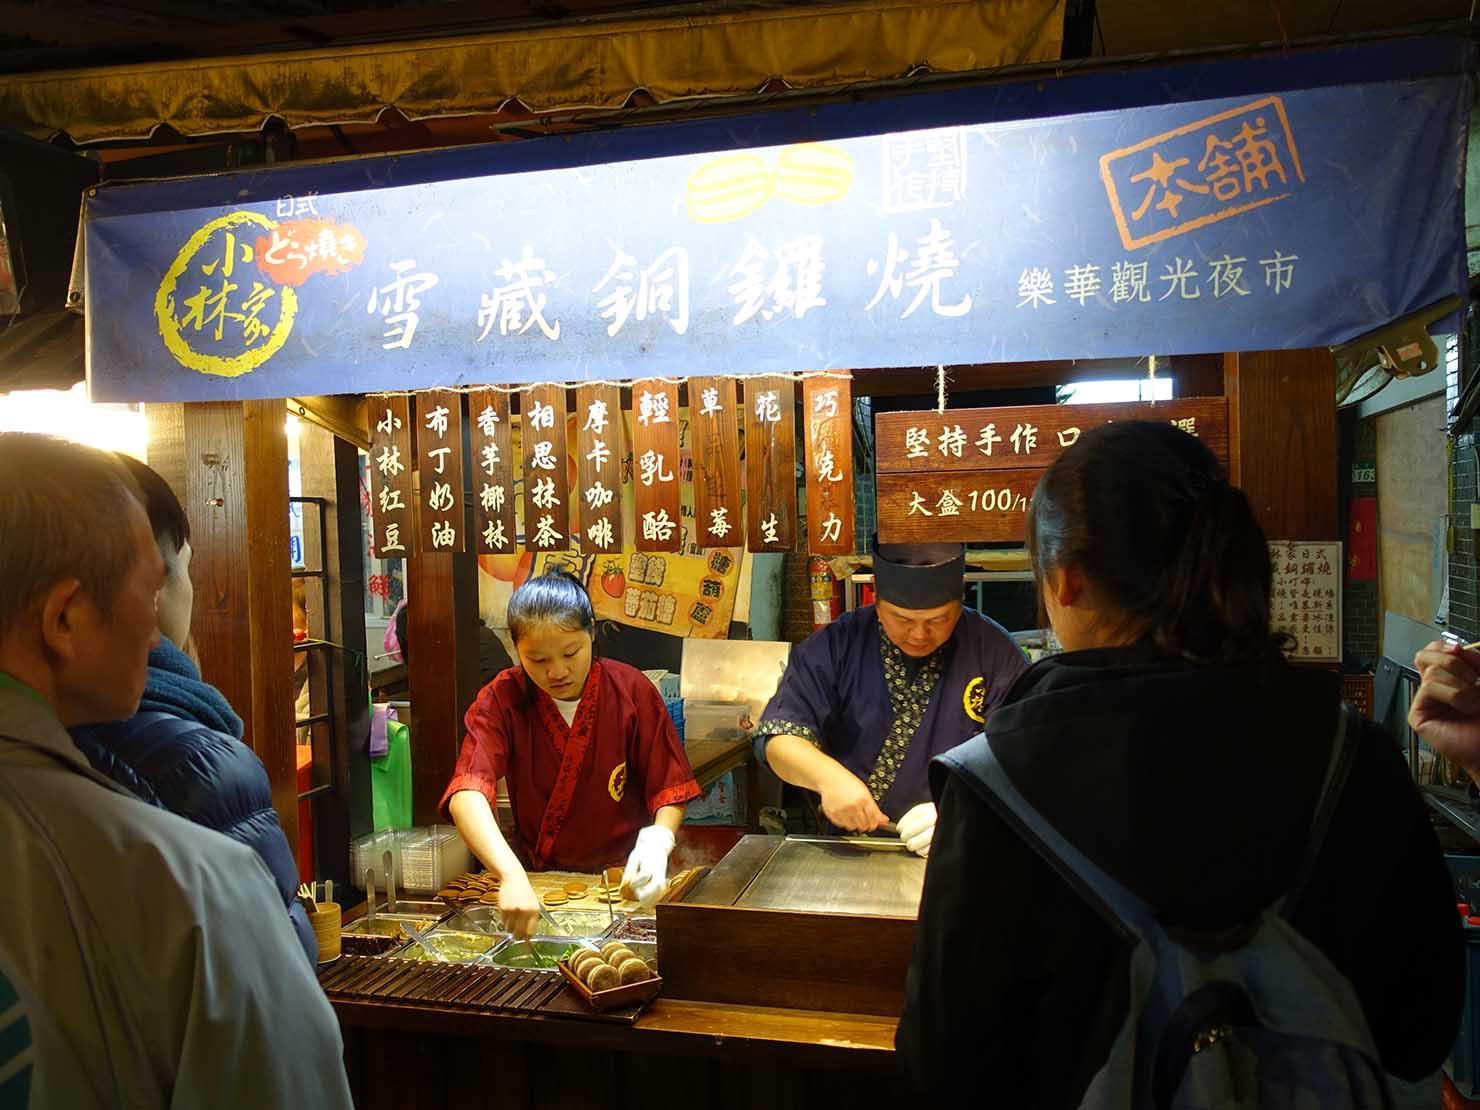 台湾の夜市で食べられる日本グルメ「銅鑼燒(どら焼き)」の屋台